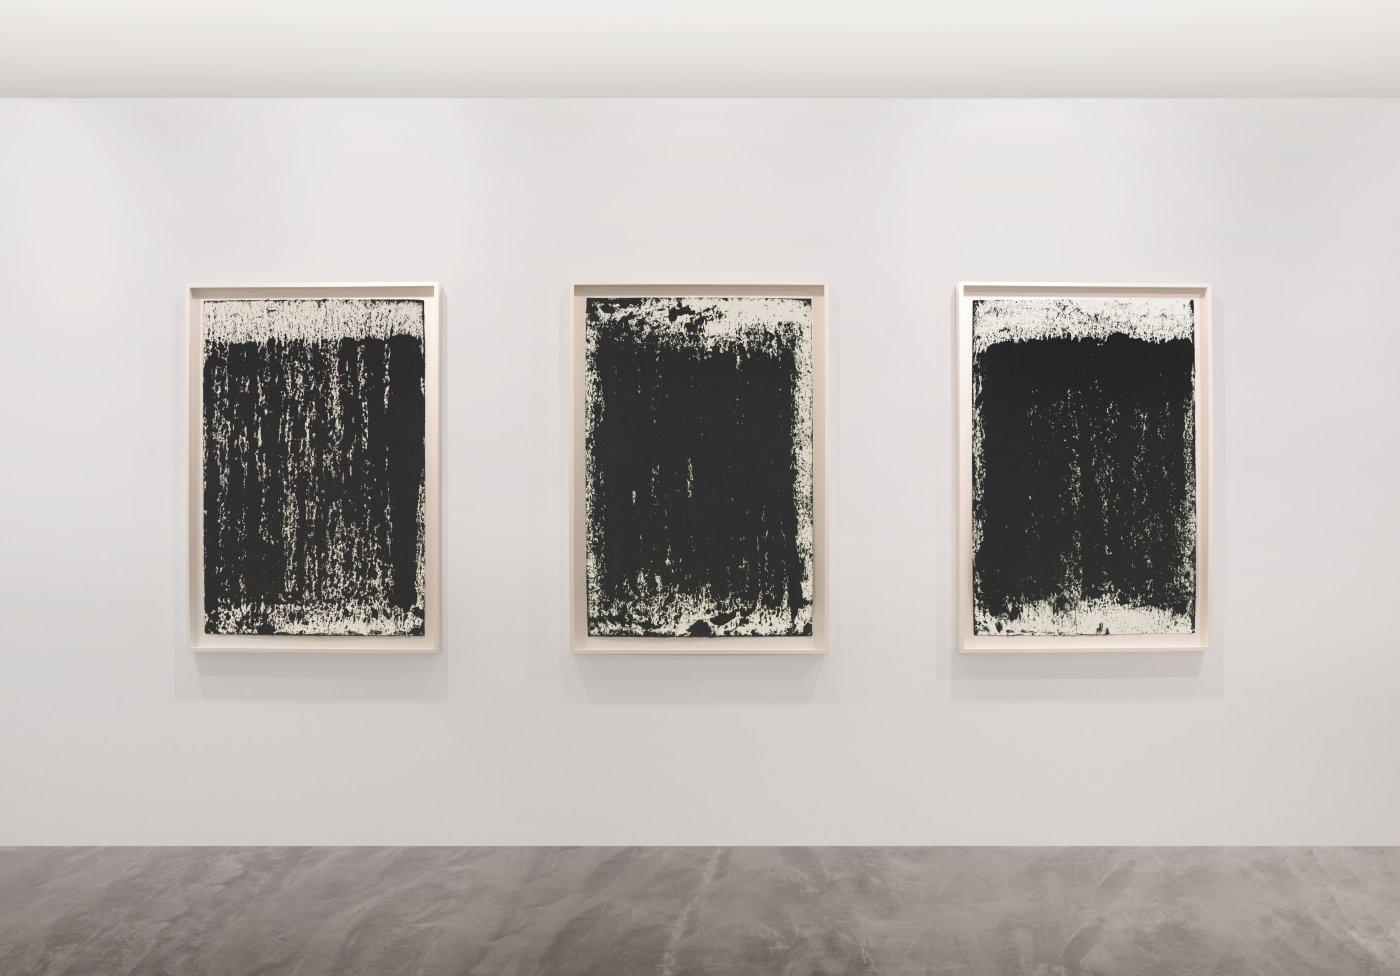 Ordovas Richard Serra 2